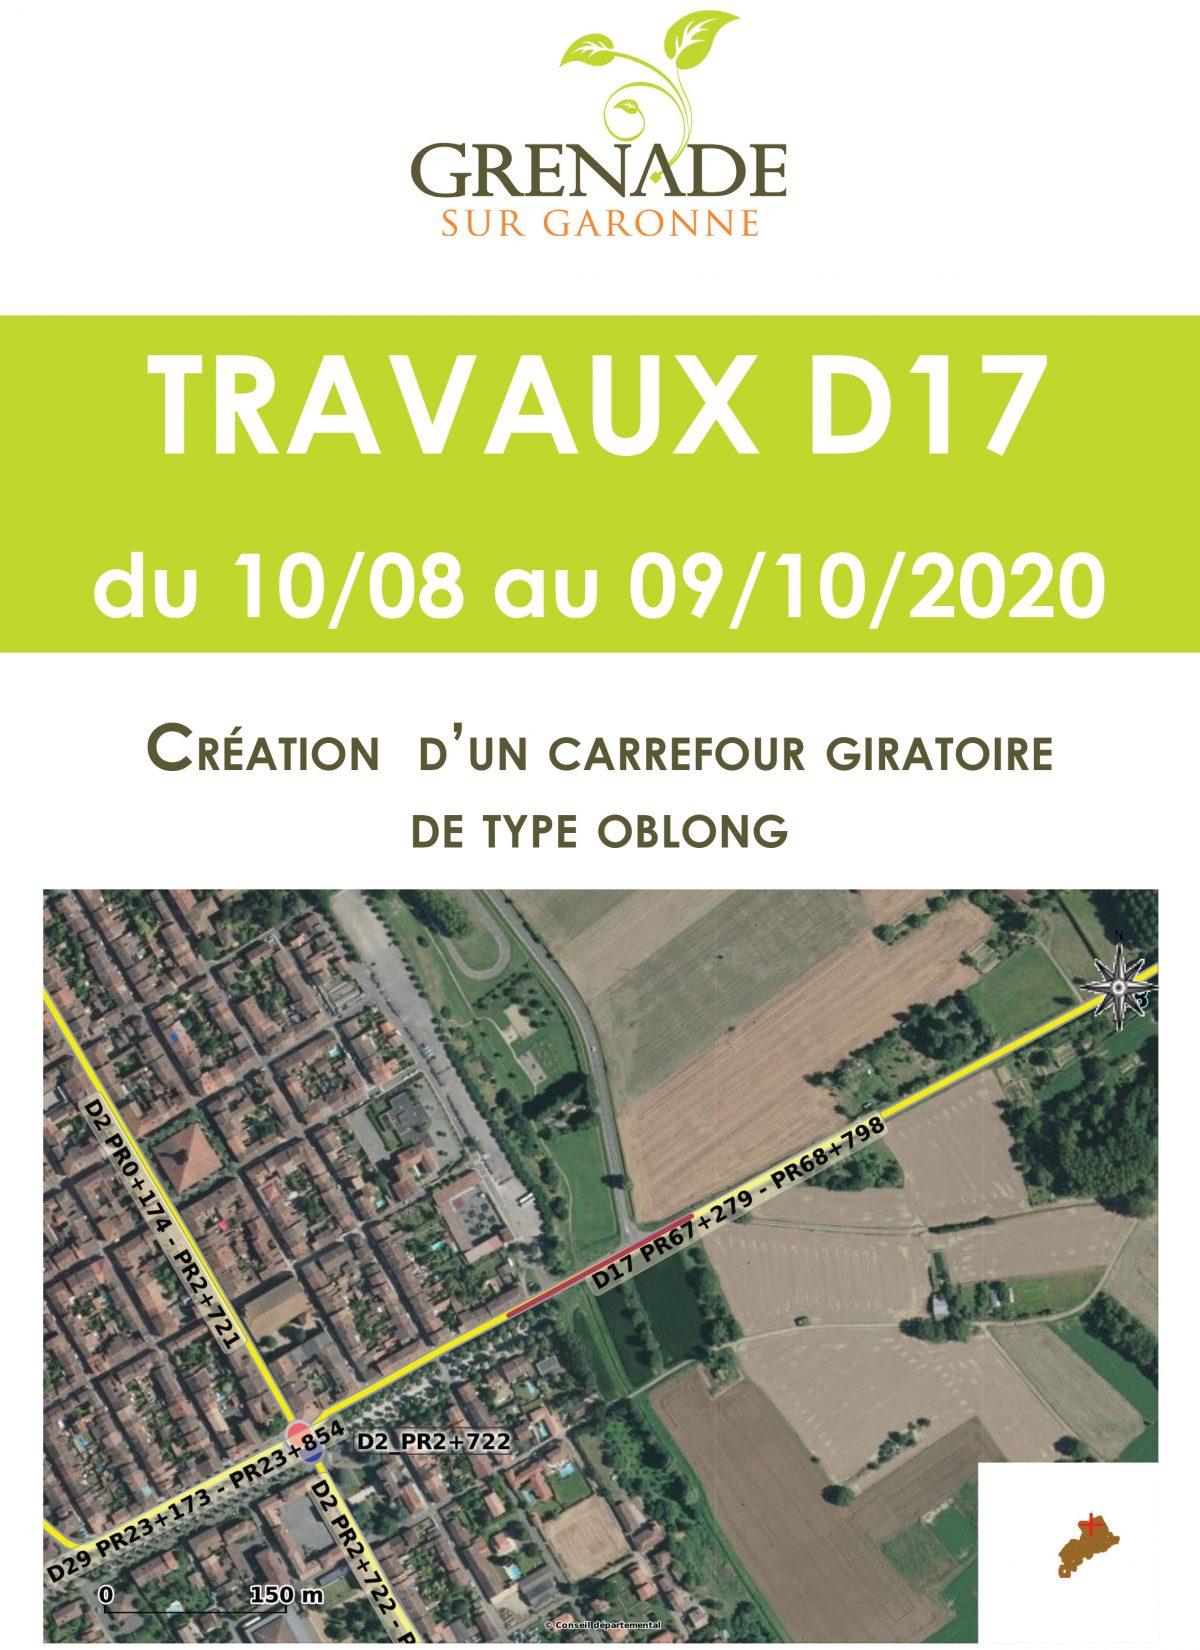 Communiqué du Conseil départemental de la Haute-Garonne/Mairie de Grenade